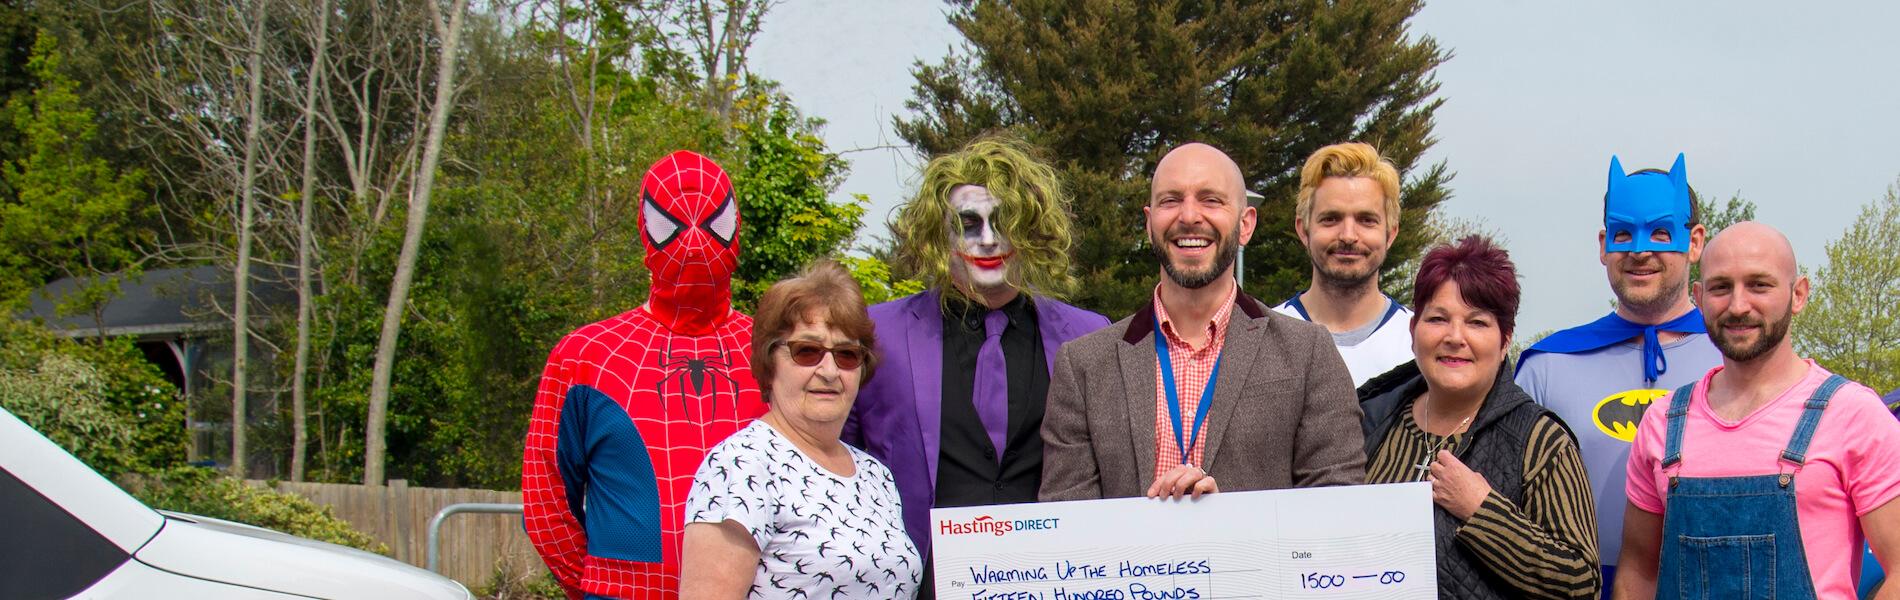 Hastings Group - Hero Images - Community News Image.jpg